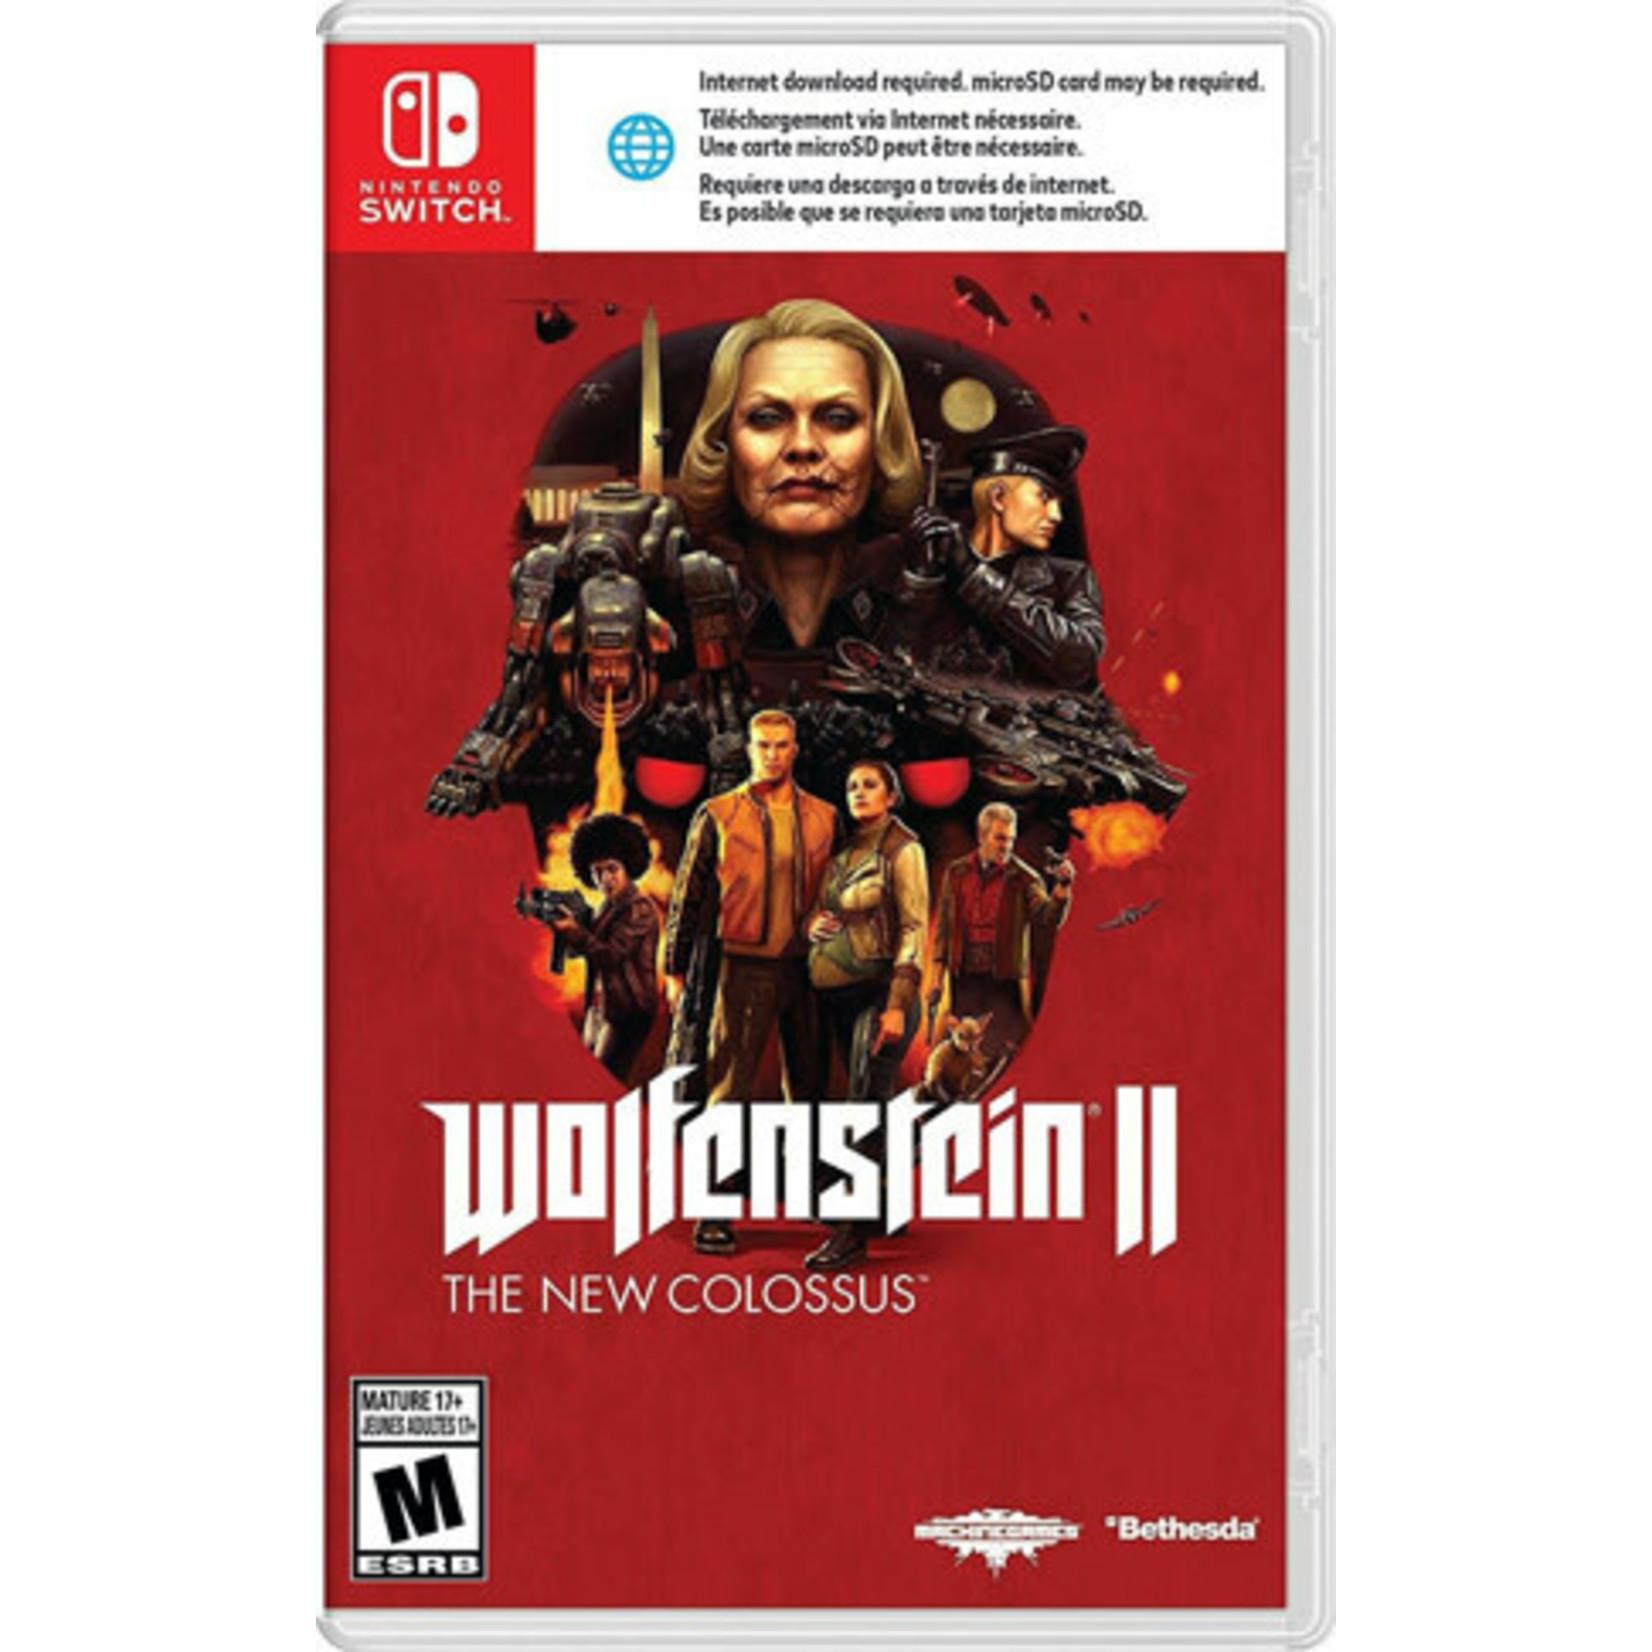 SWITCH-Wolfenstein II: The New Colossus